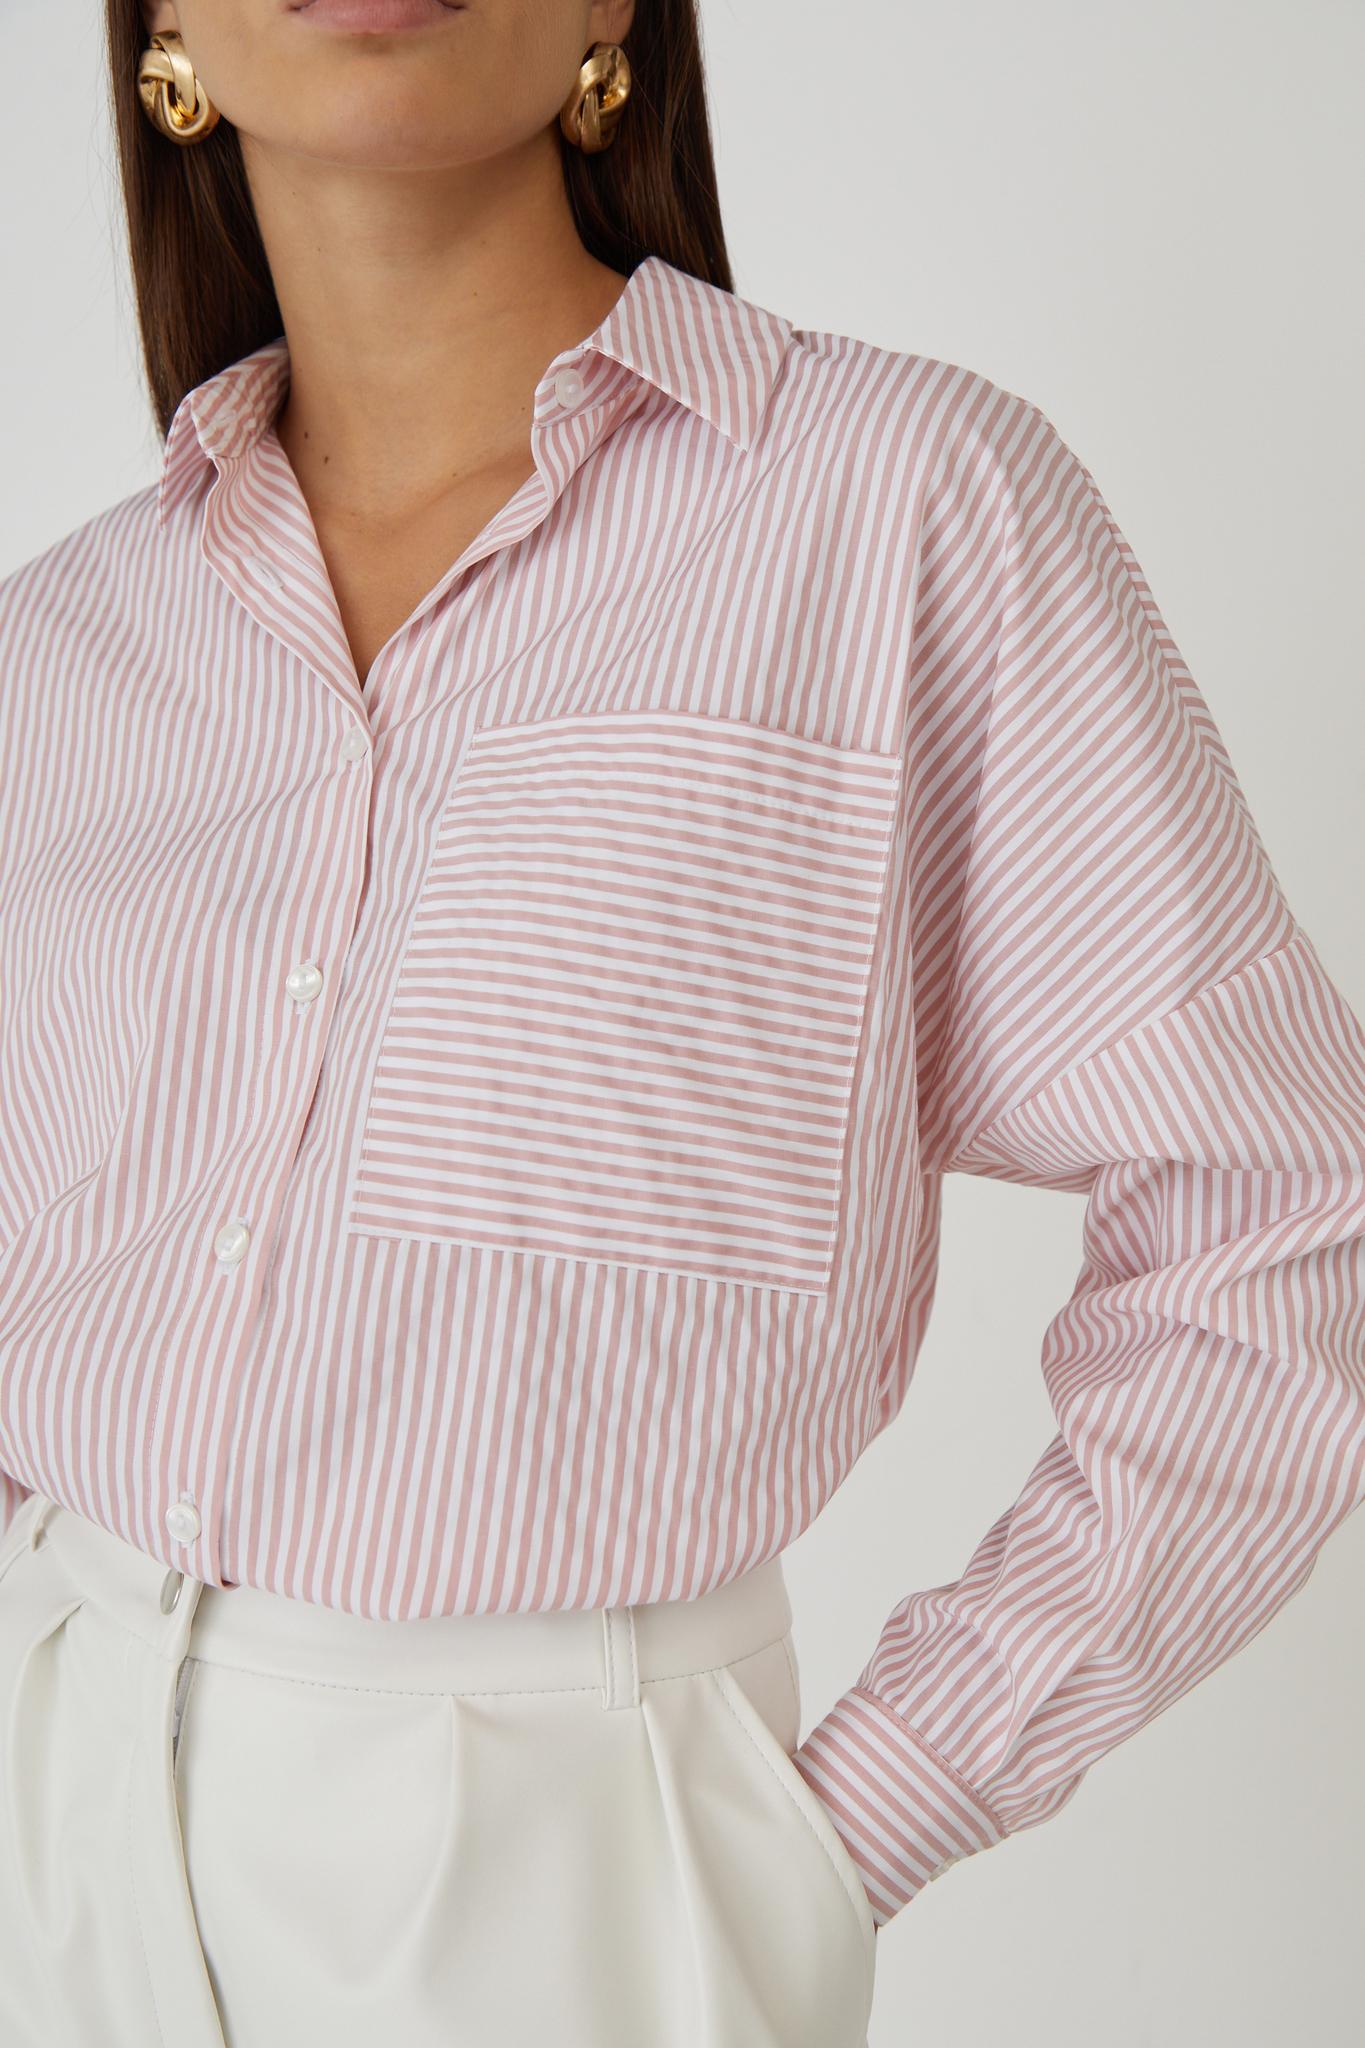 Хлопковая рубашка с карманом (oversize) (розовая полоска)